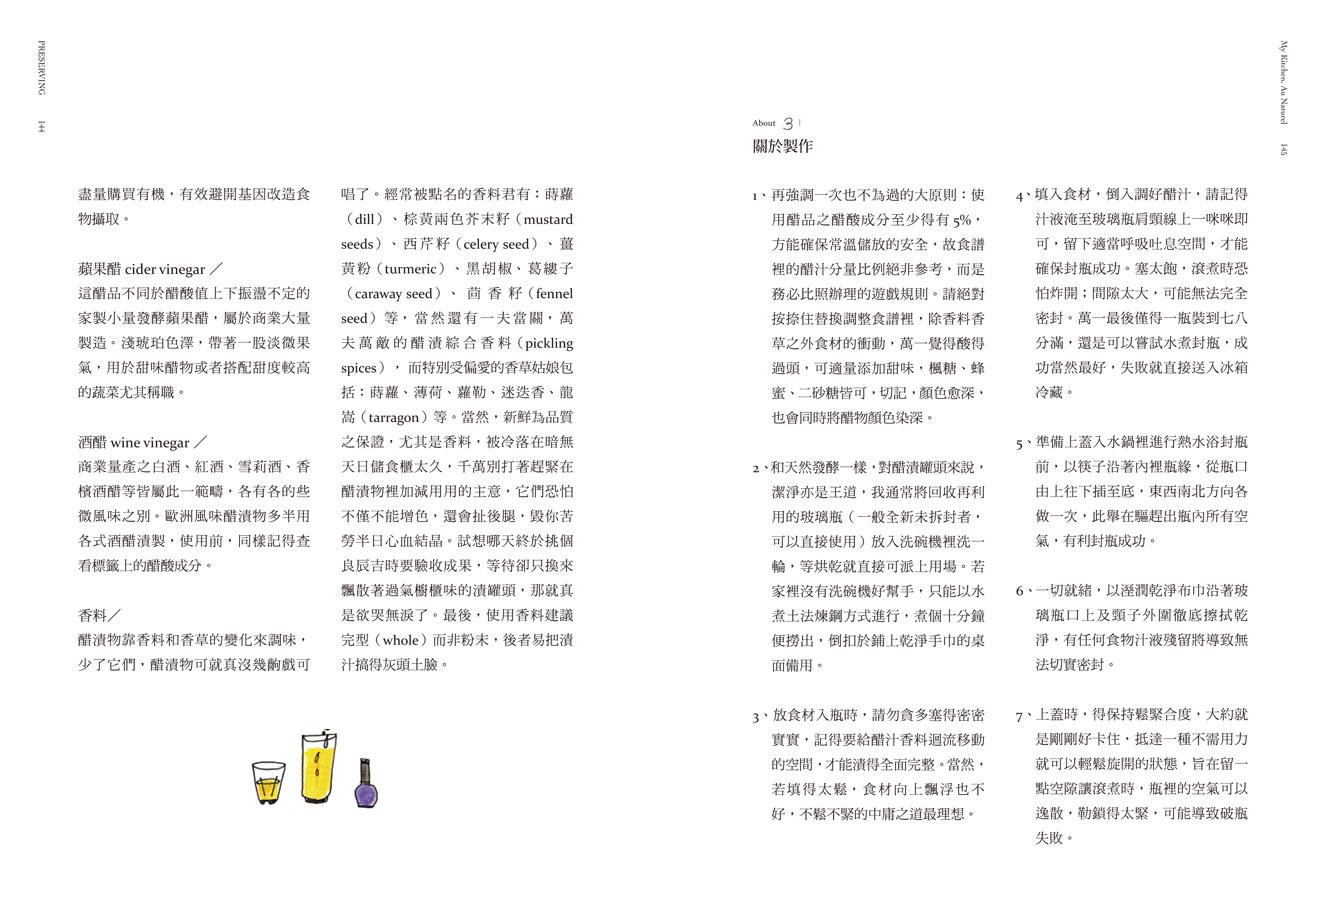 http://im2.book.com.tw/image/getImage?i=http://www.books.com.tw/img/001/067/61/0010676128_b_05.jpg&v=55631620&w=655&h=609